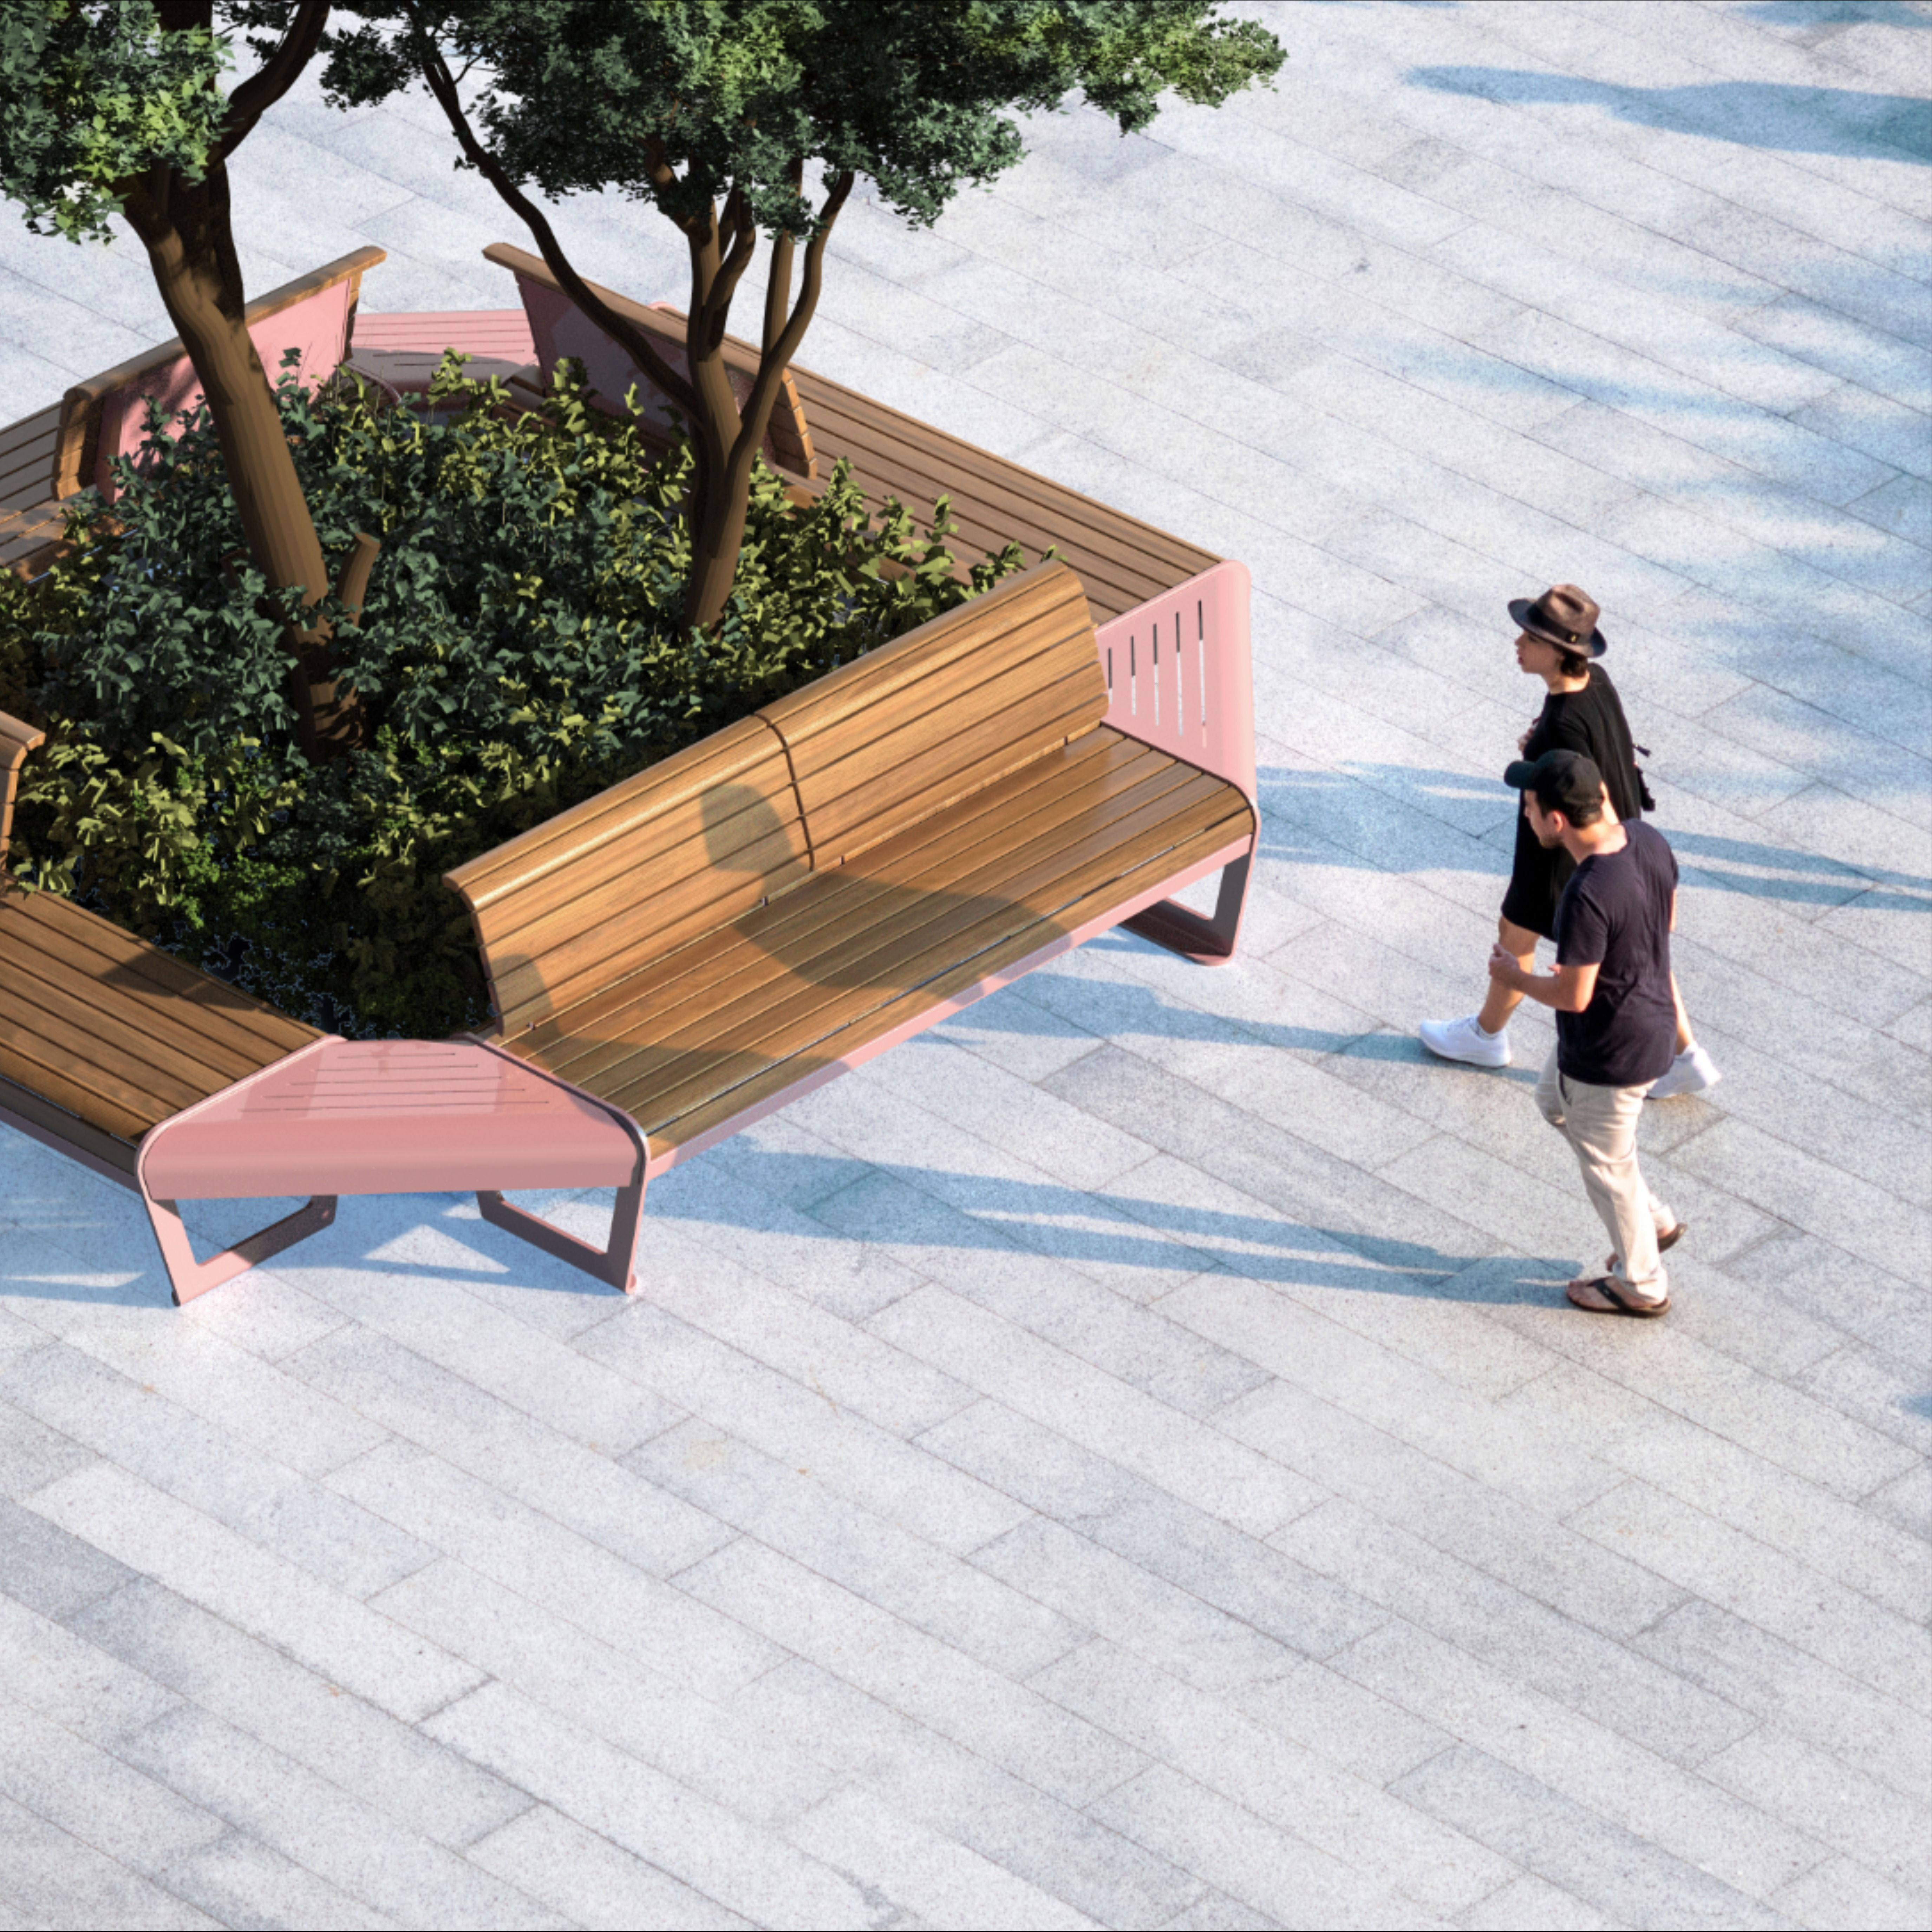 Banc Hochelaga En 2020 Decoration Exterieur Mobilier Mobilier Urbain